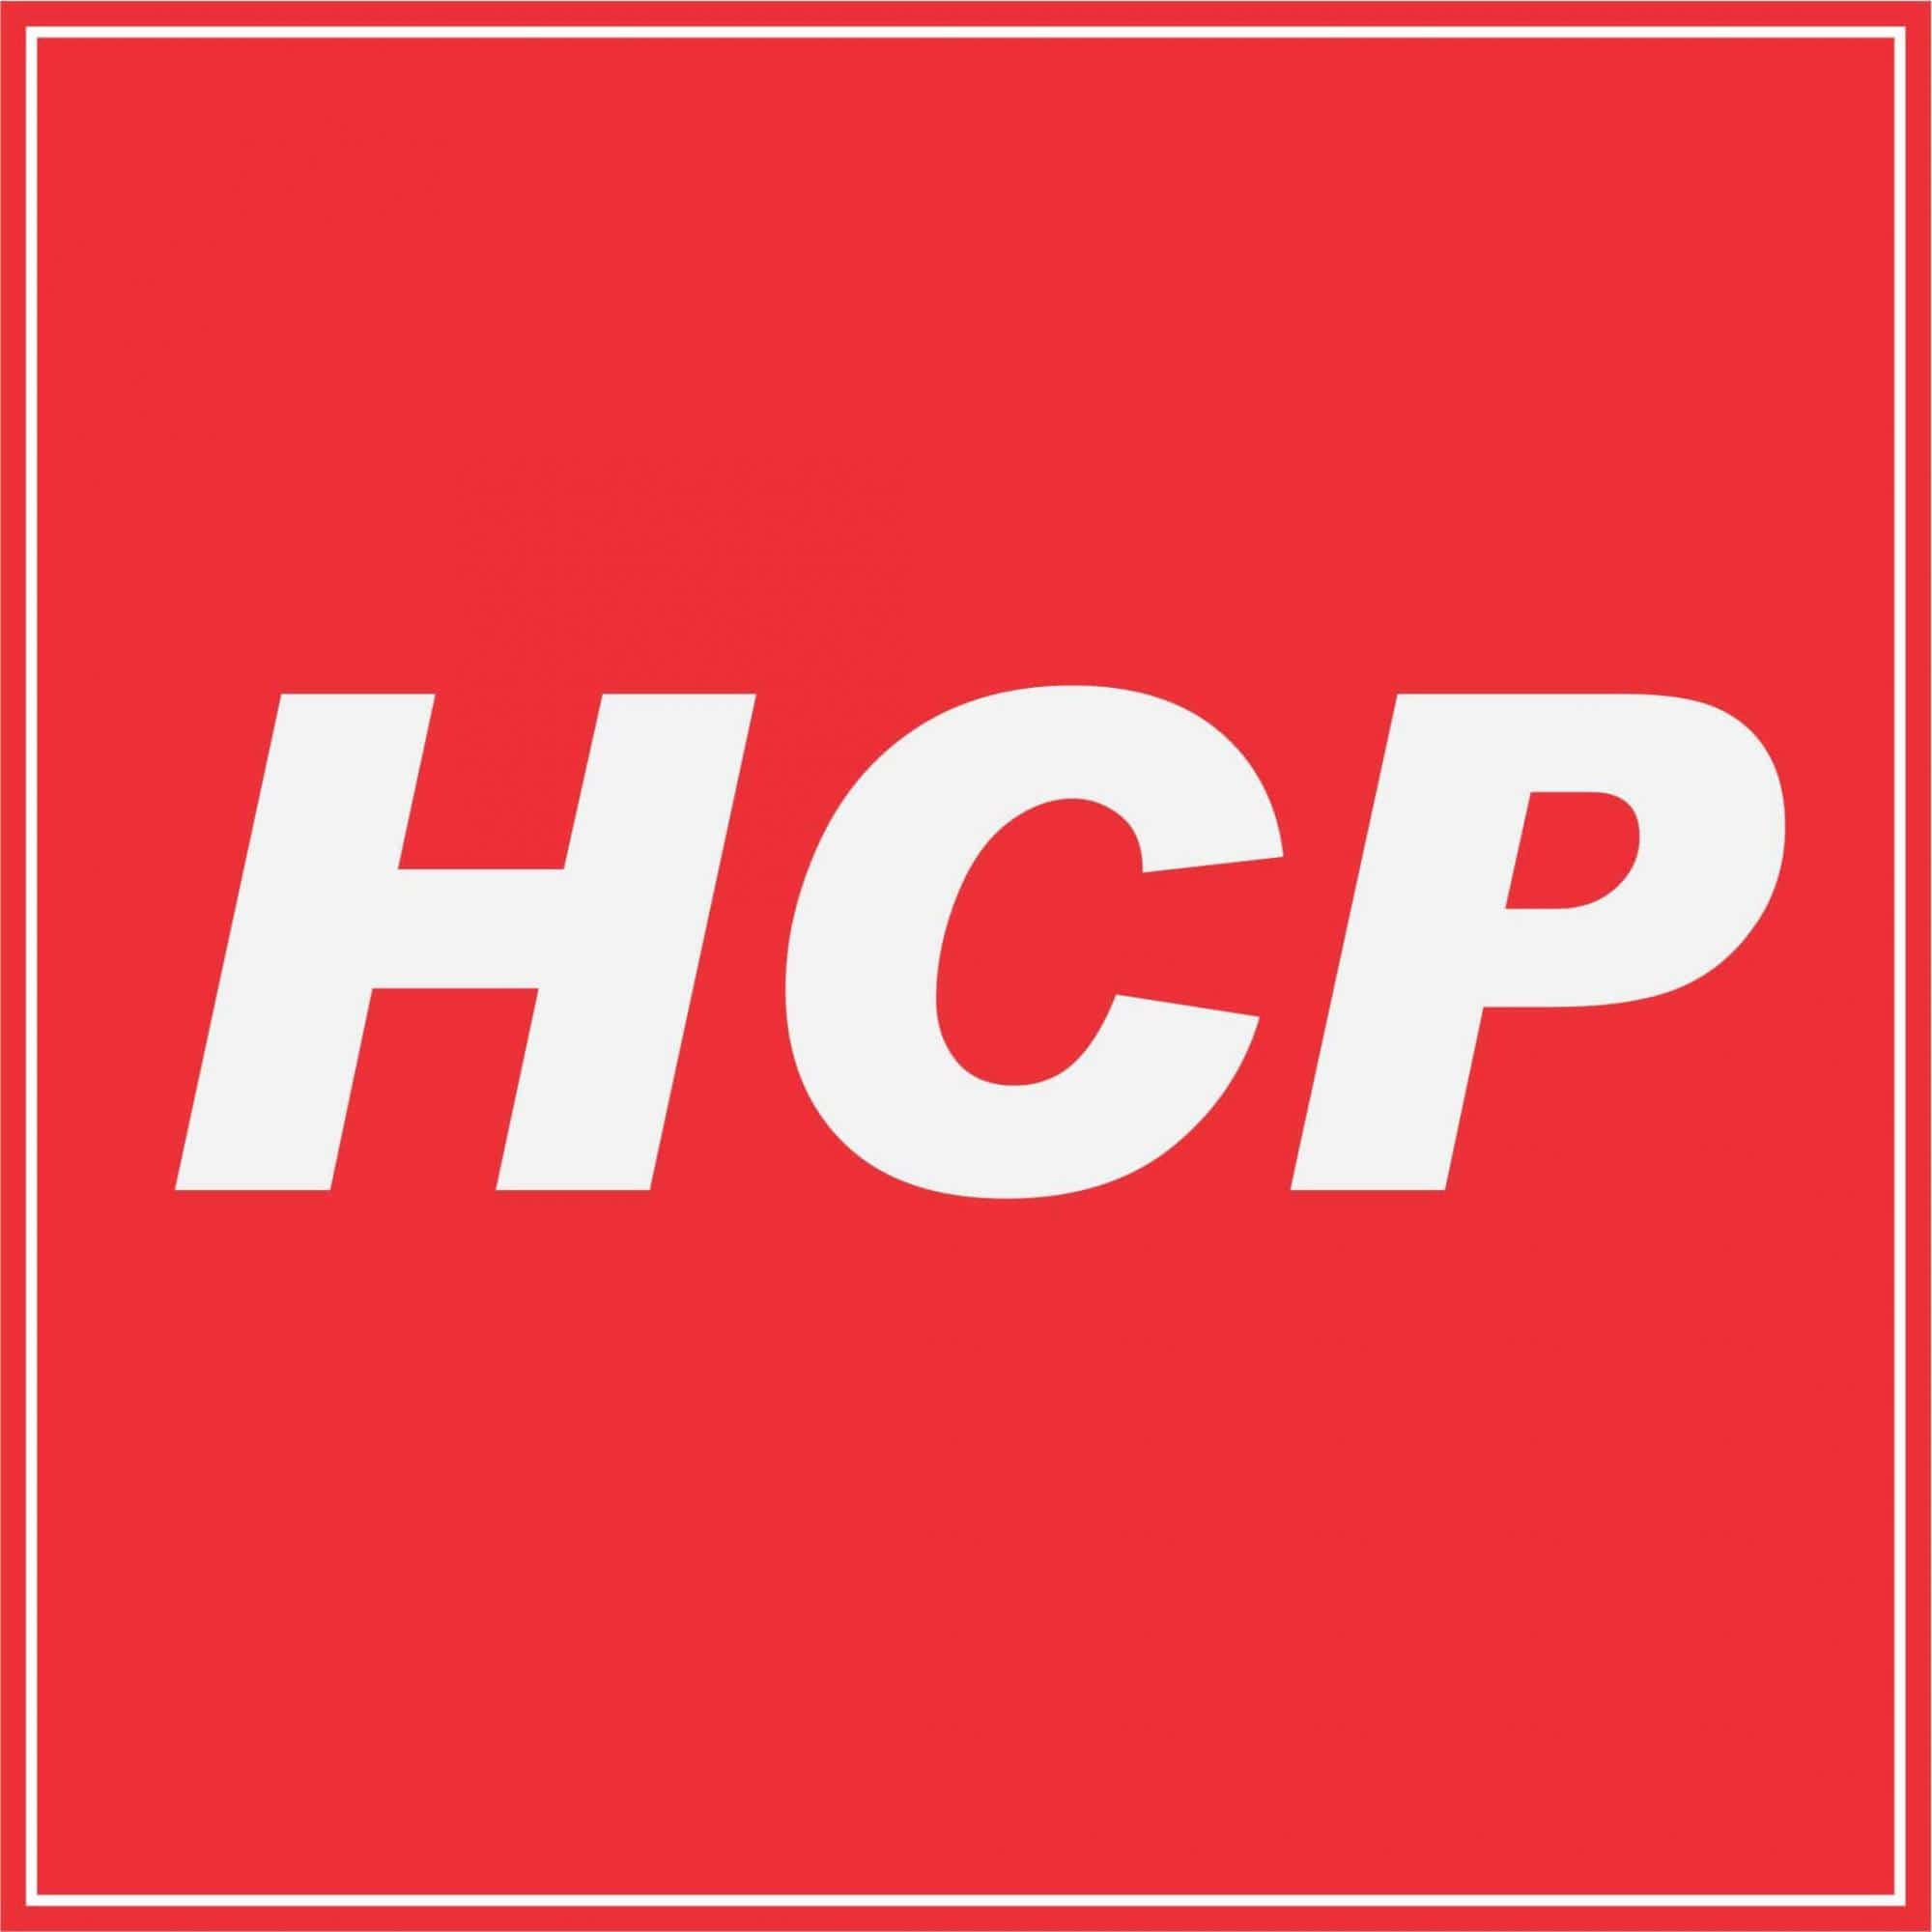 HCP fiskalne kase - Telsat doo. - Servo Mihalja 10, Novi Sad